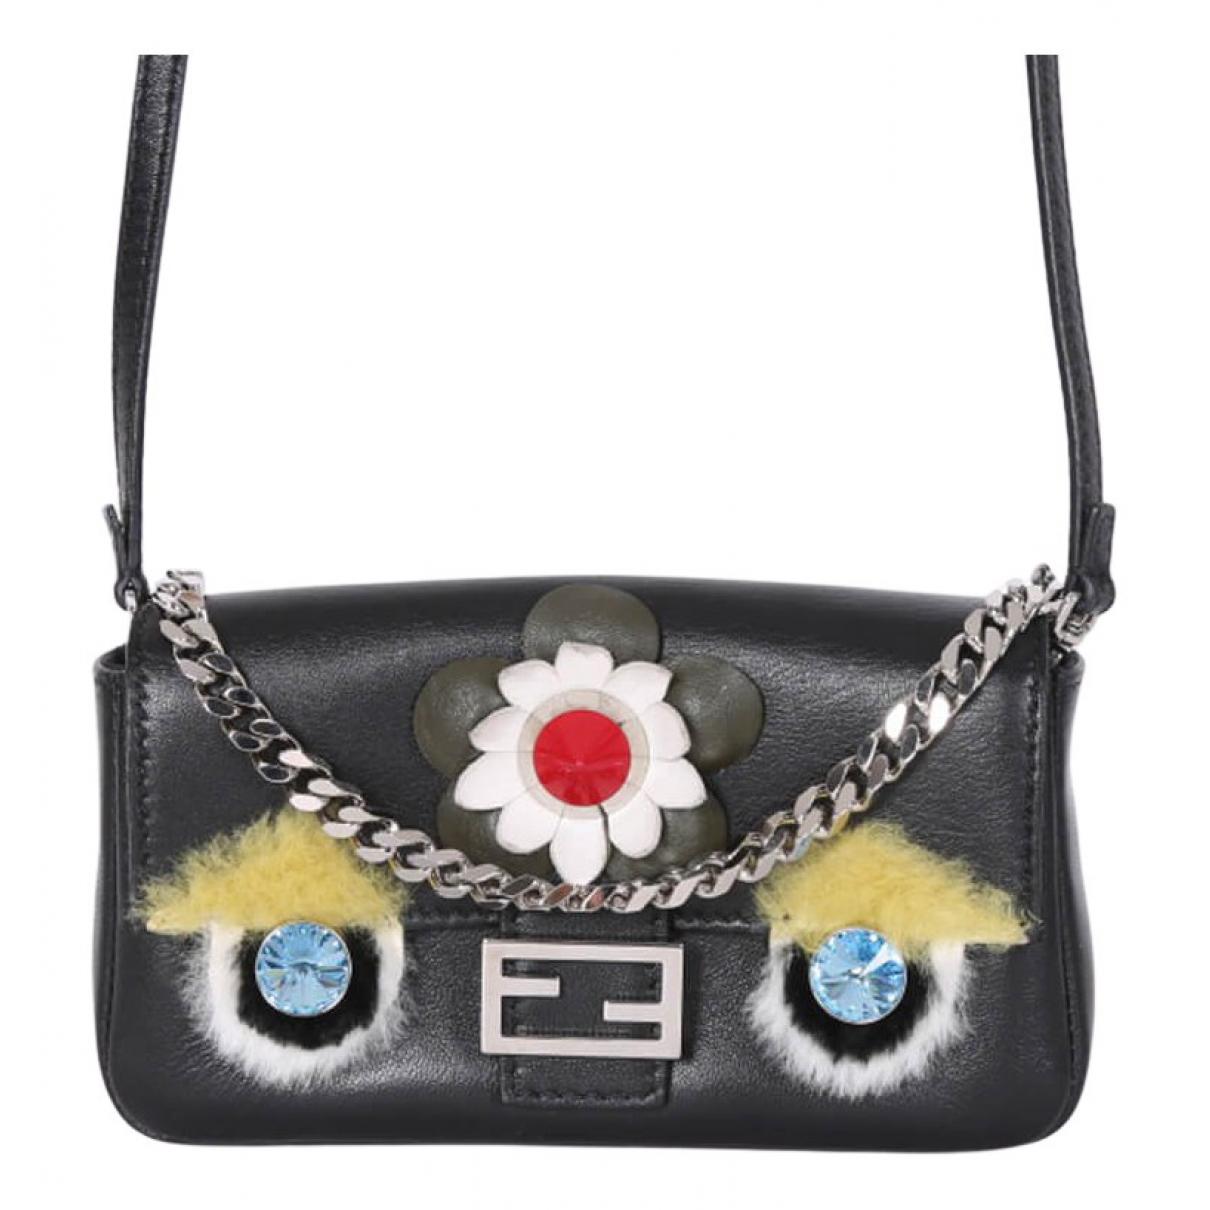 Fendi Baguette Black Leather handbag for Women \N